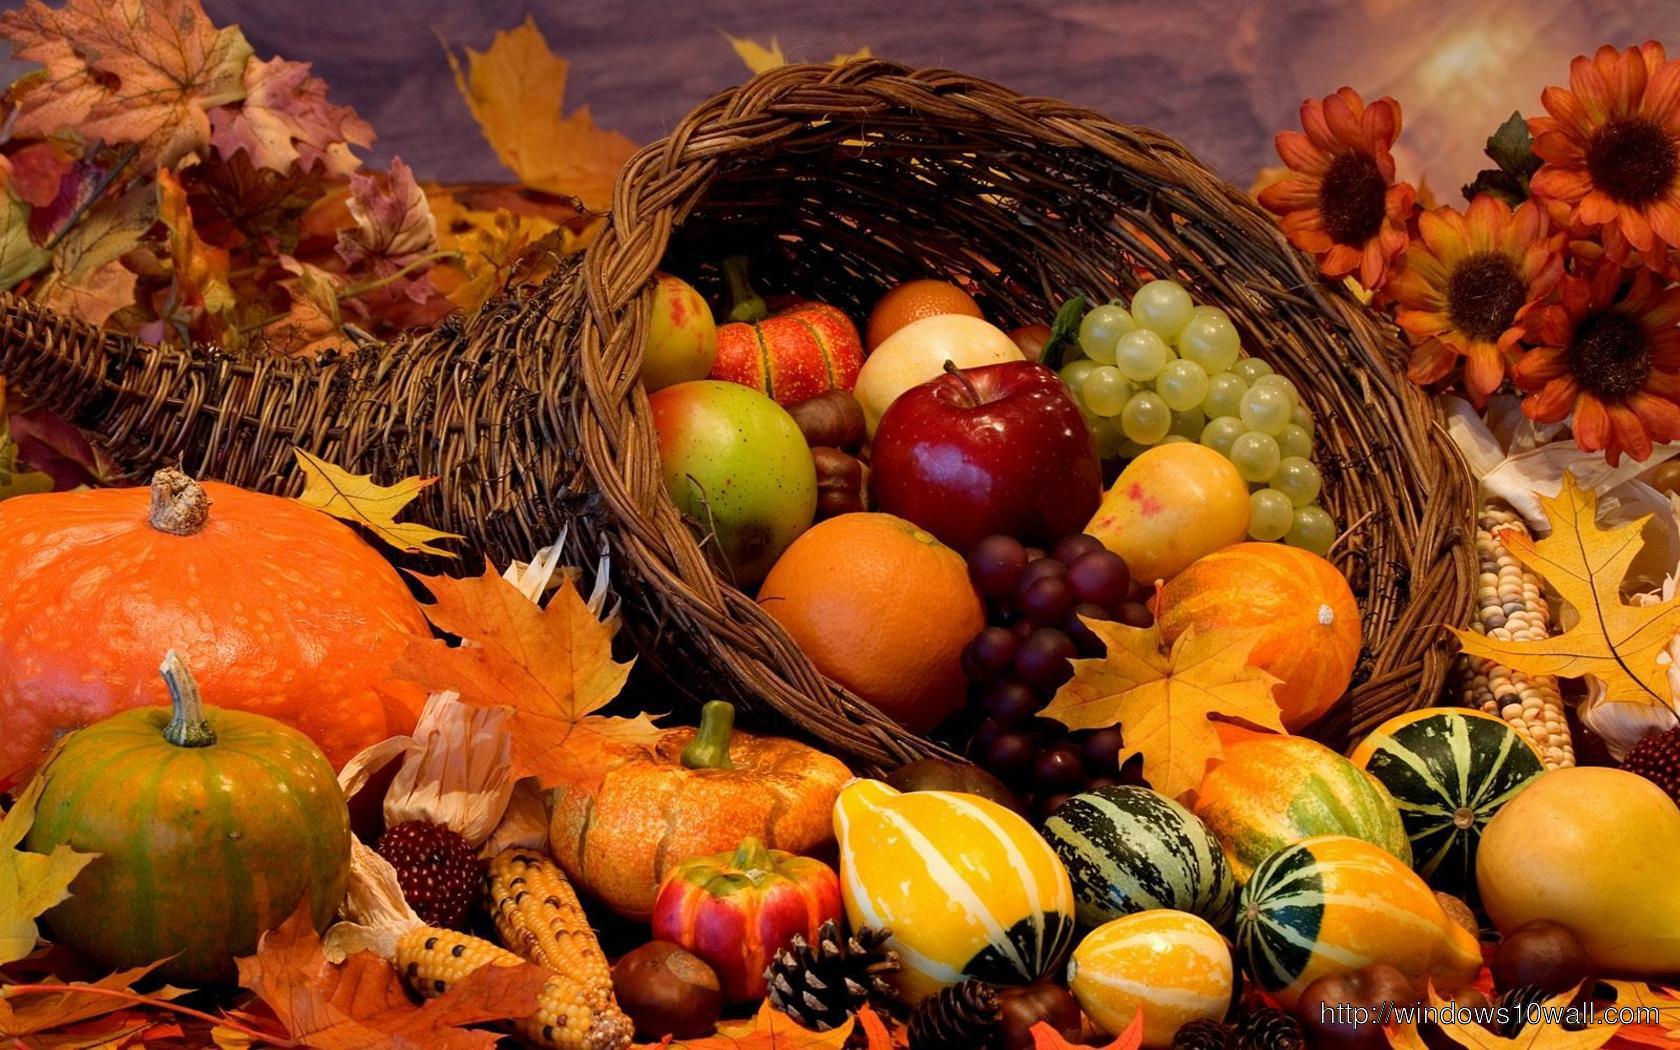 Fruits Wallpaper Photos